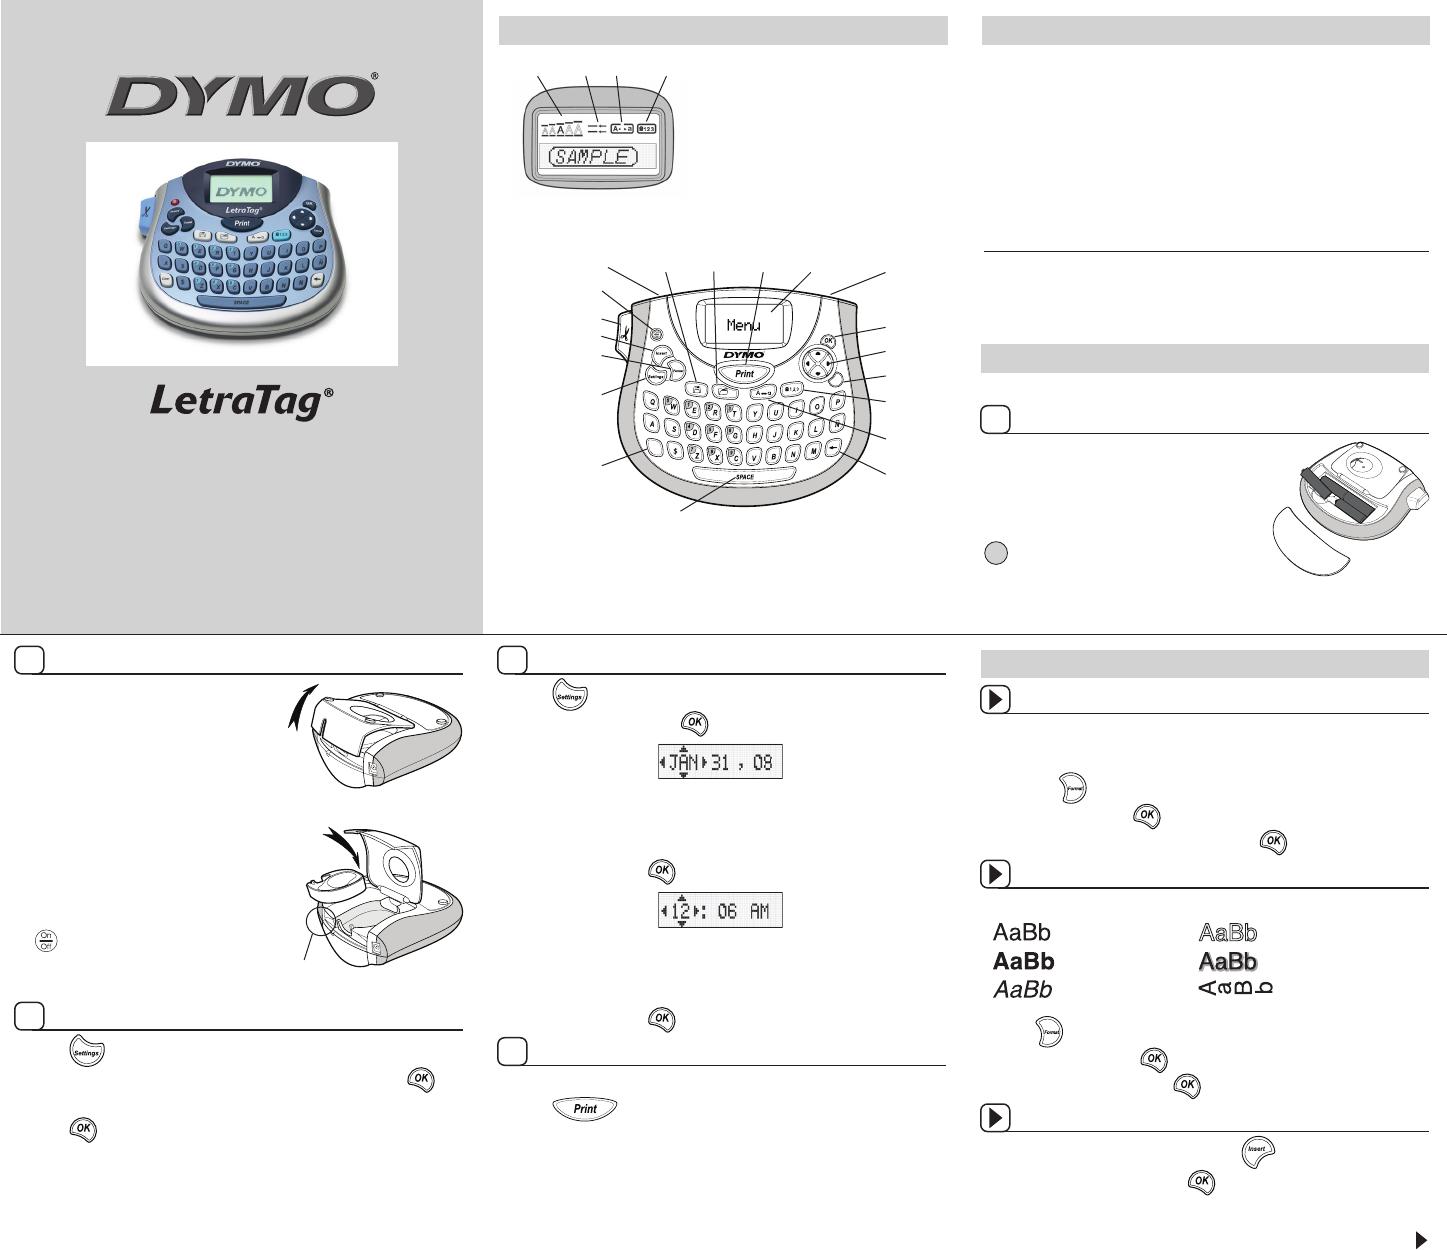 Dymo Label Maker Lt 100t User Guide Manualsonline